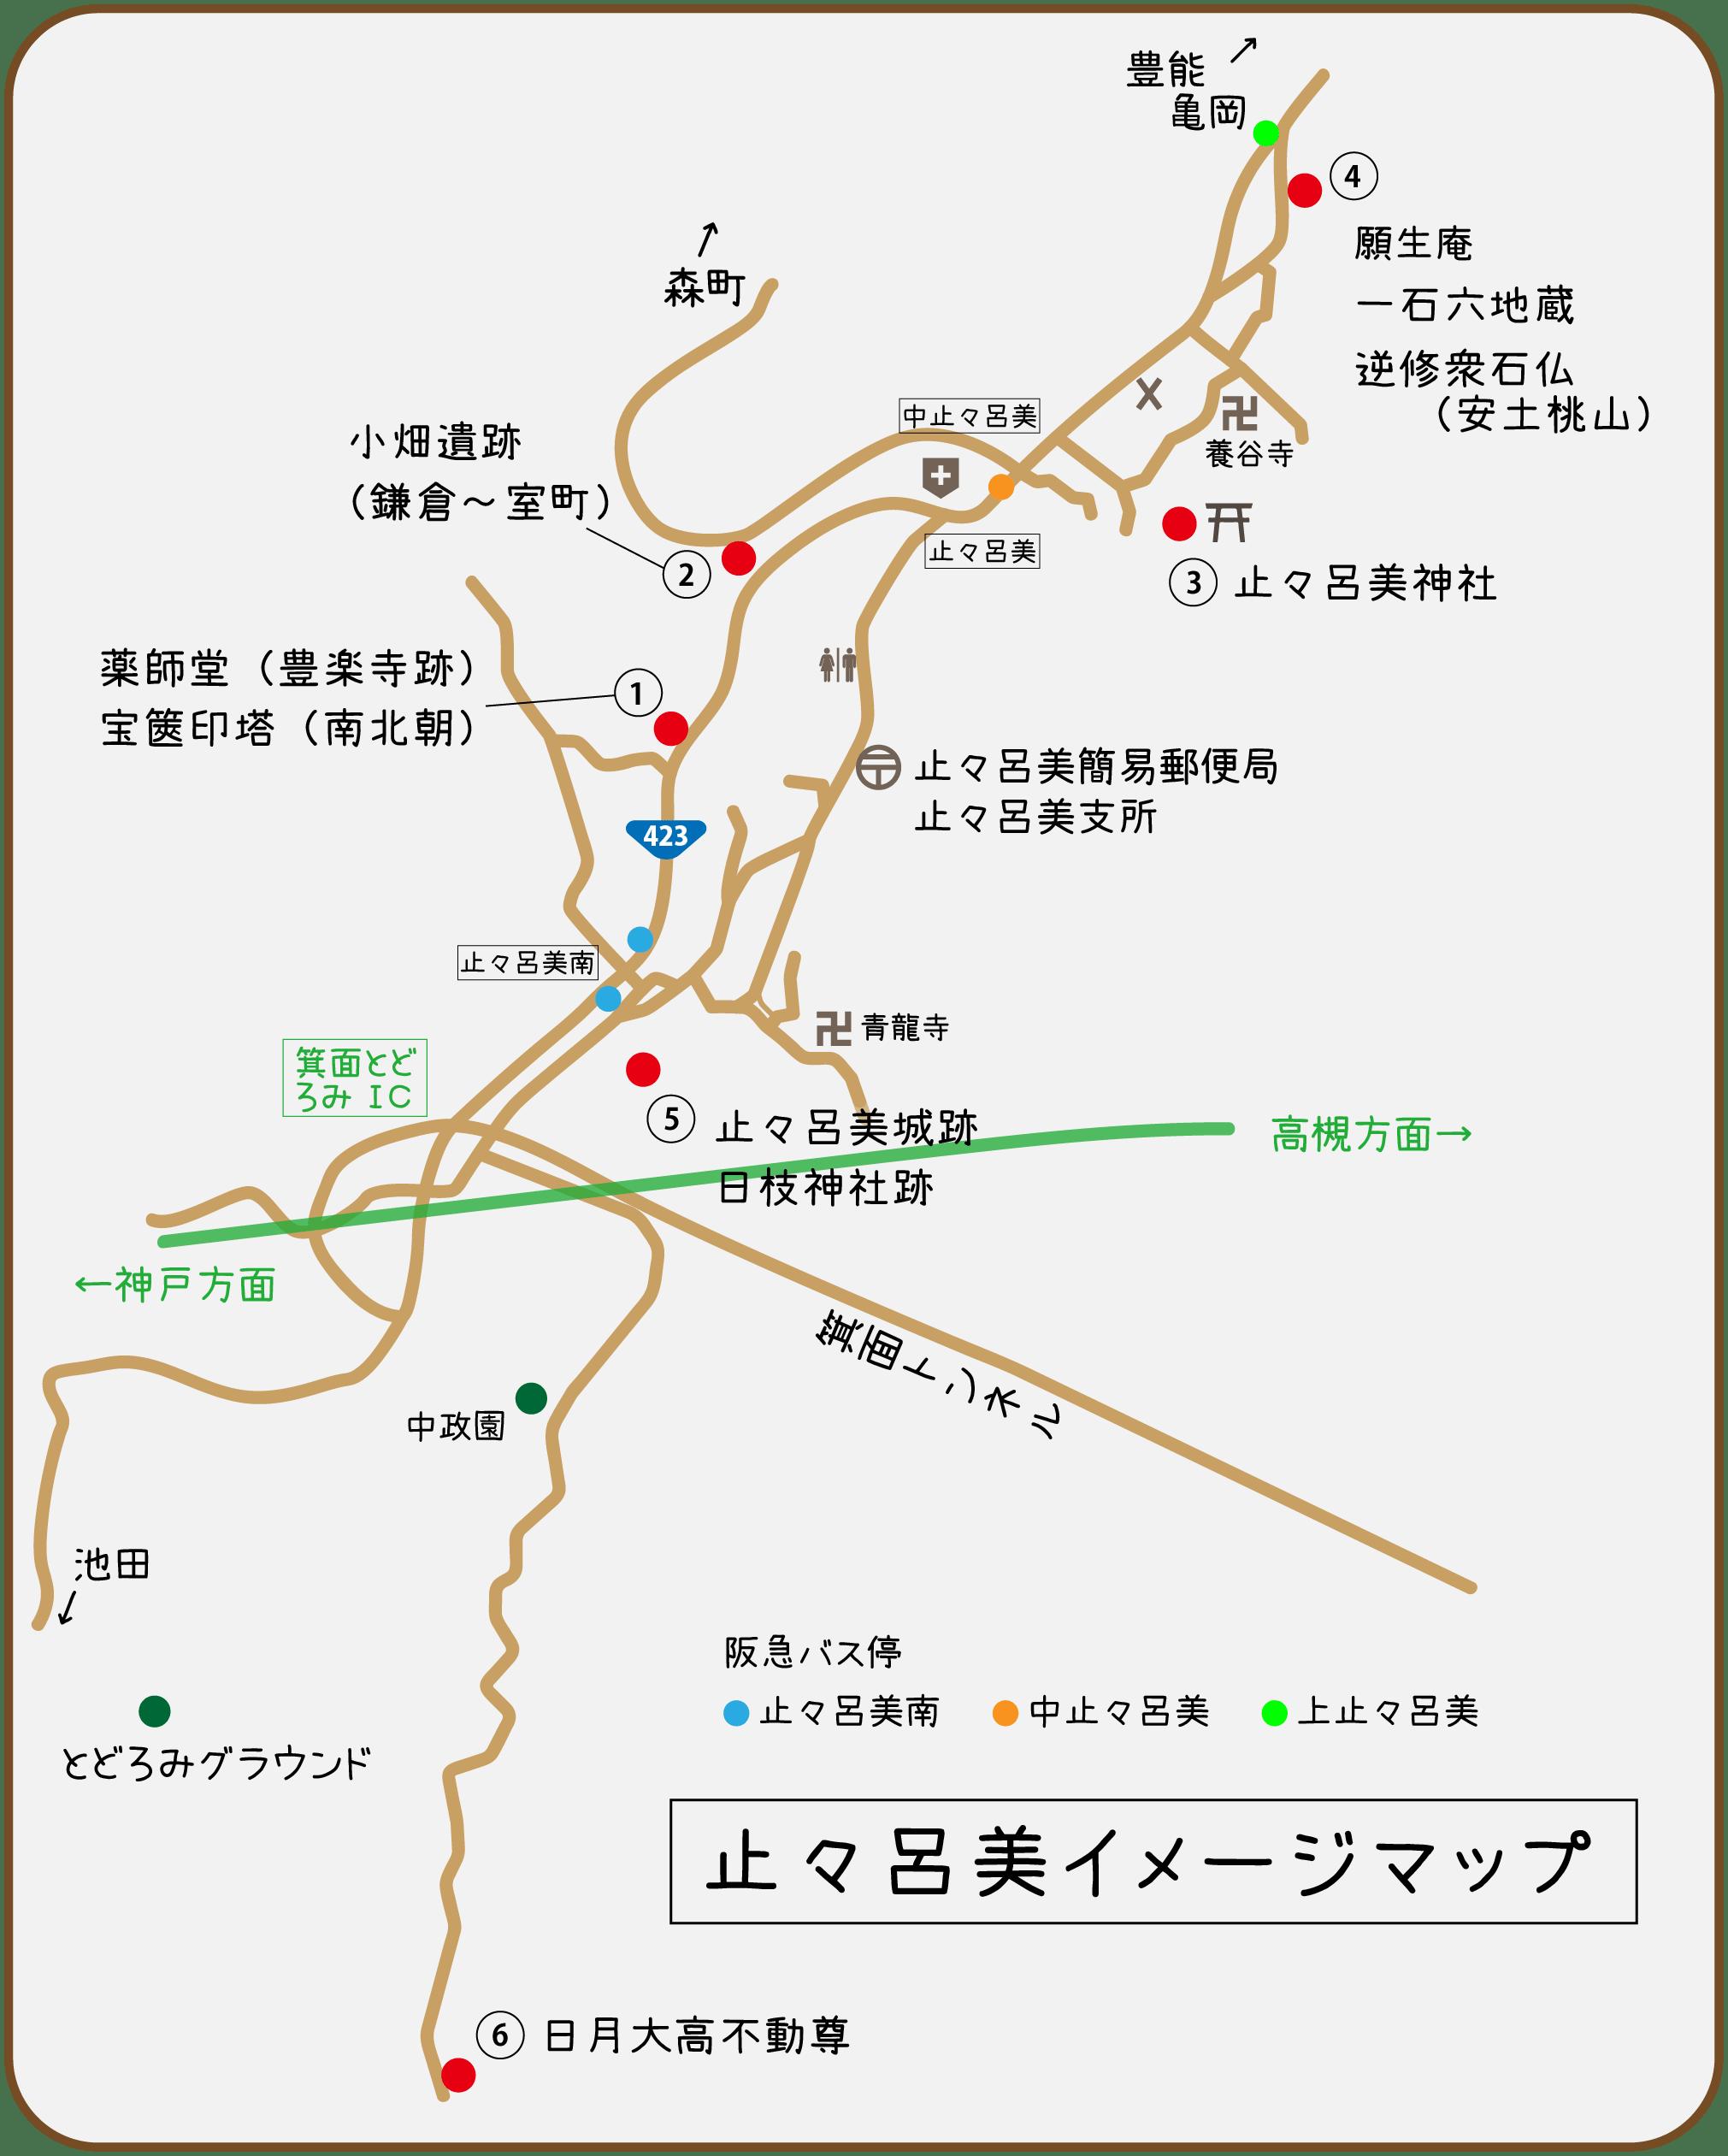 止々呂美イメージマップ